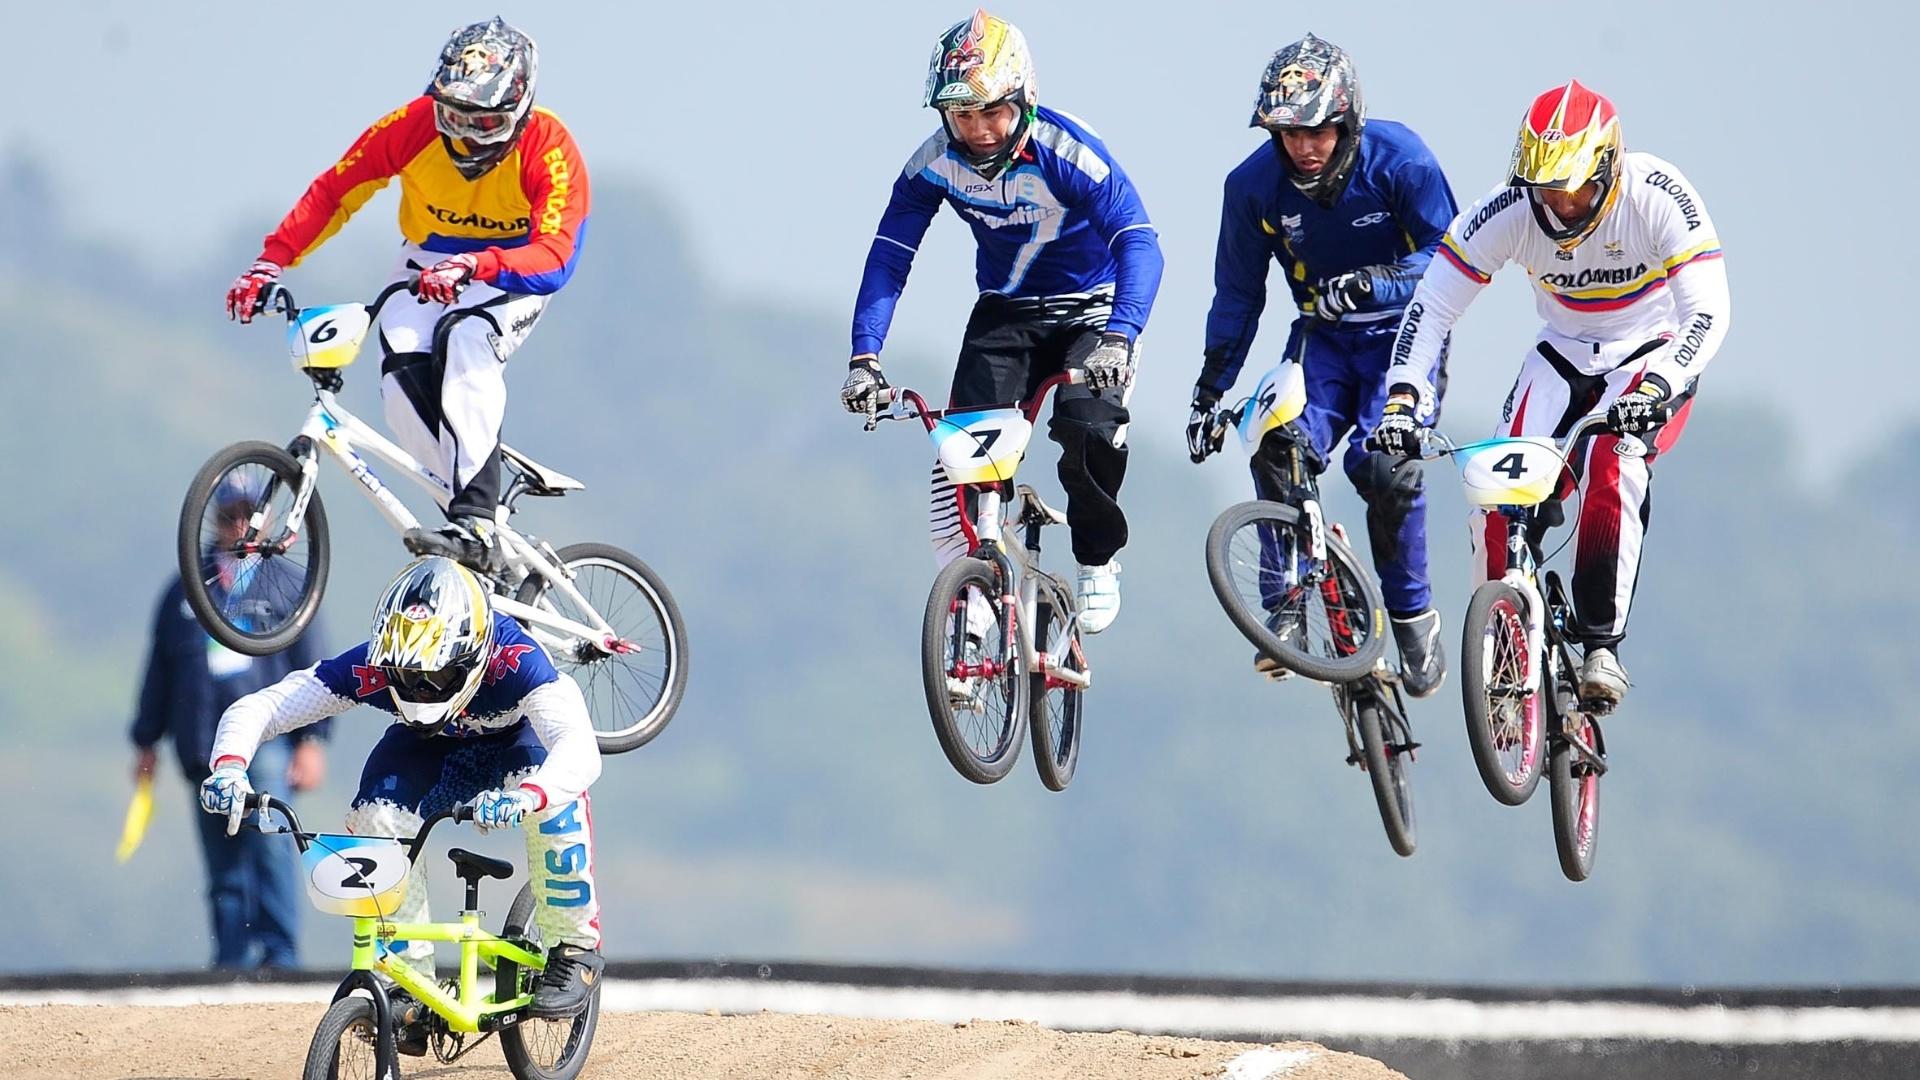 Renato Rezende (bicicleta nº 5) terminou a final do BMX em 36s26 e acabou na 5ª colocação (21/10/2011)